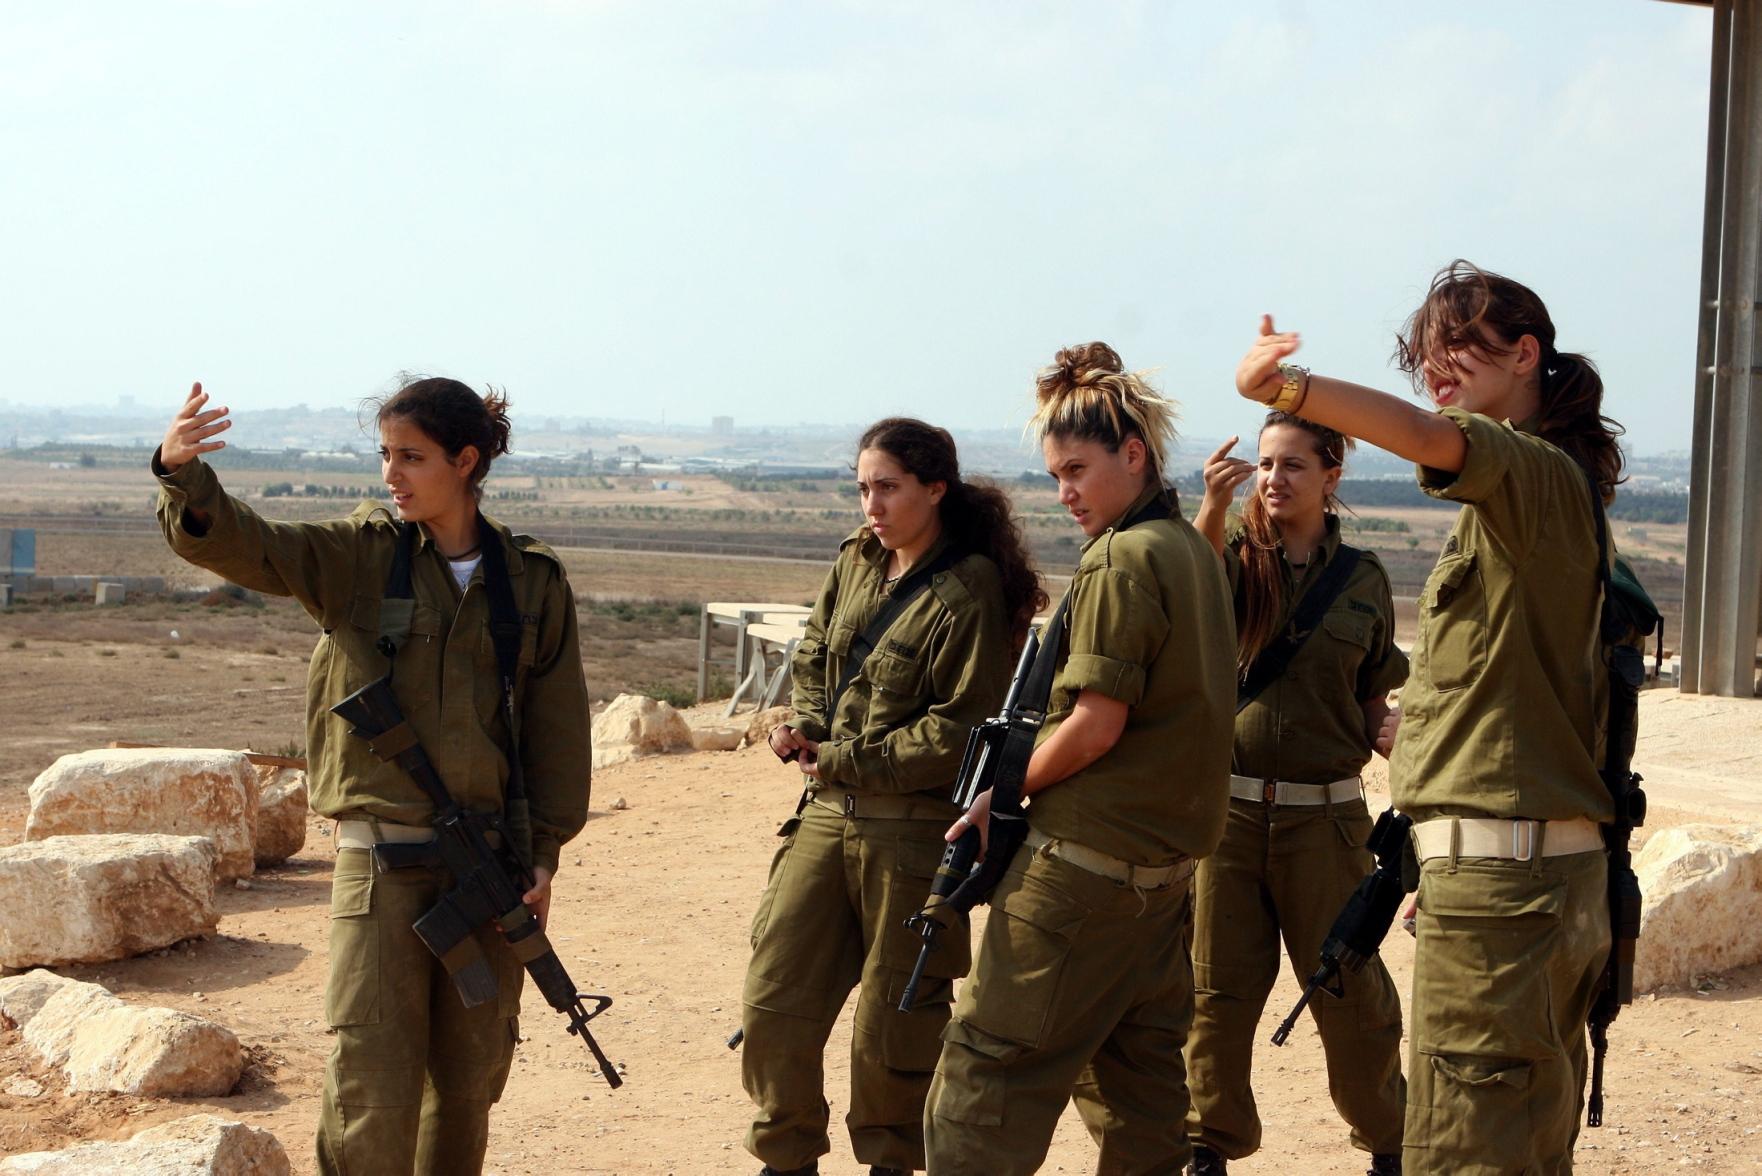 اسرائيل تجند عارضات الازياء وتشتكي التحرش بجيشها !!